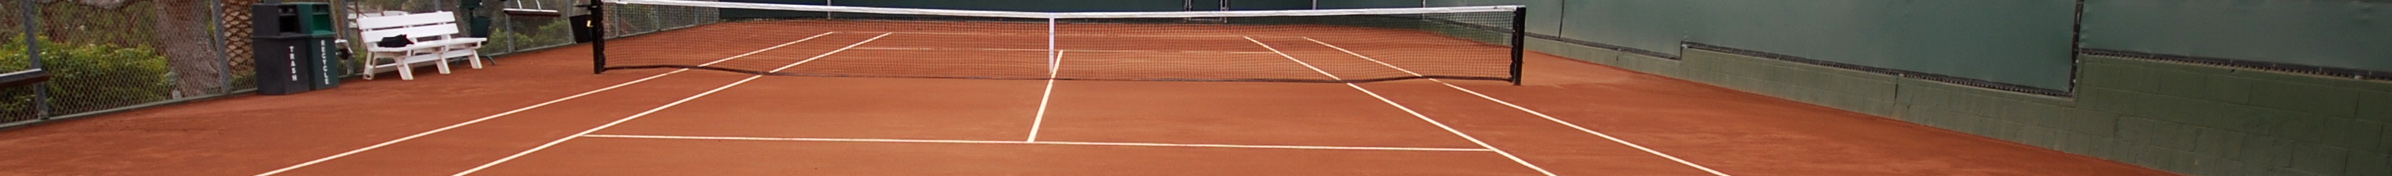 midimage-tenis